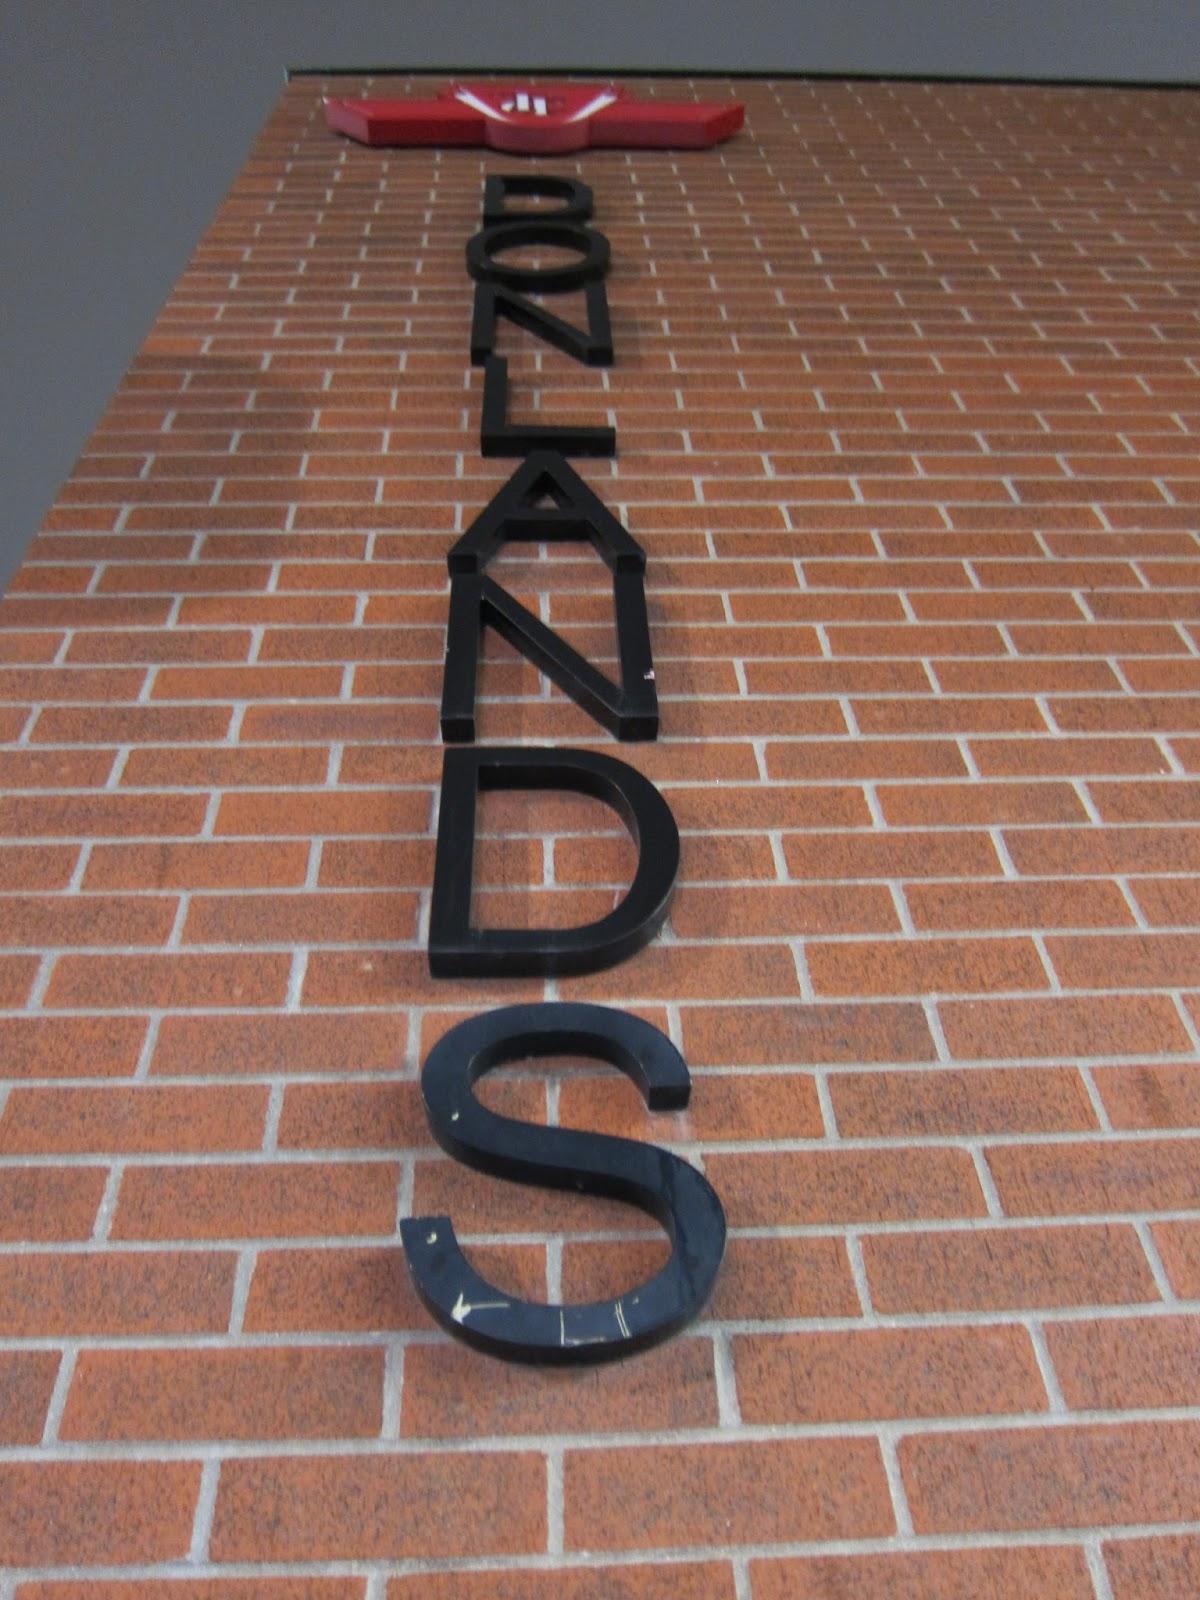 Donlands station exterior signage